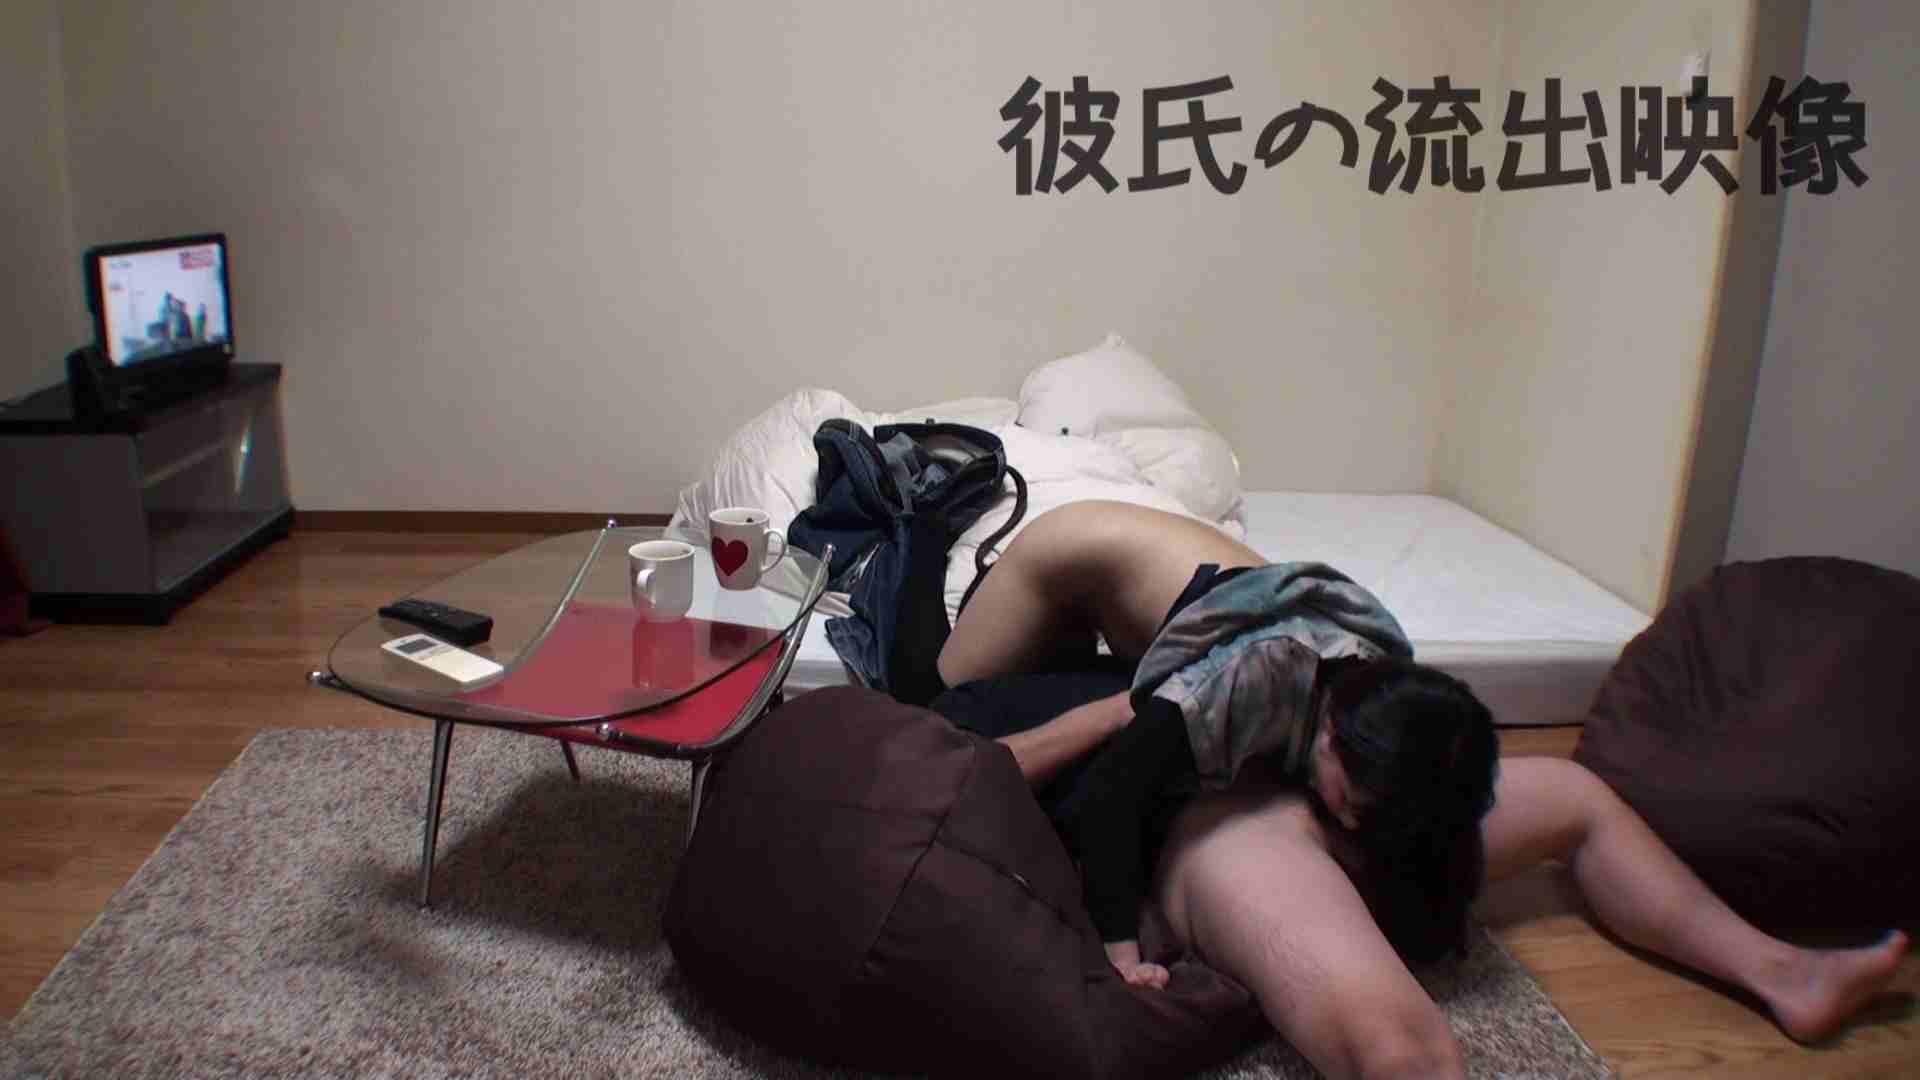 彼氏が流出 パイパン素人嬢のハメ撮り映像02 フェラ 覗きおまんこ画像 79pic 51